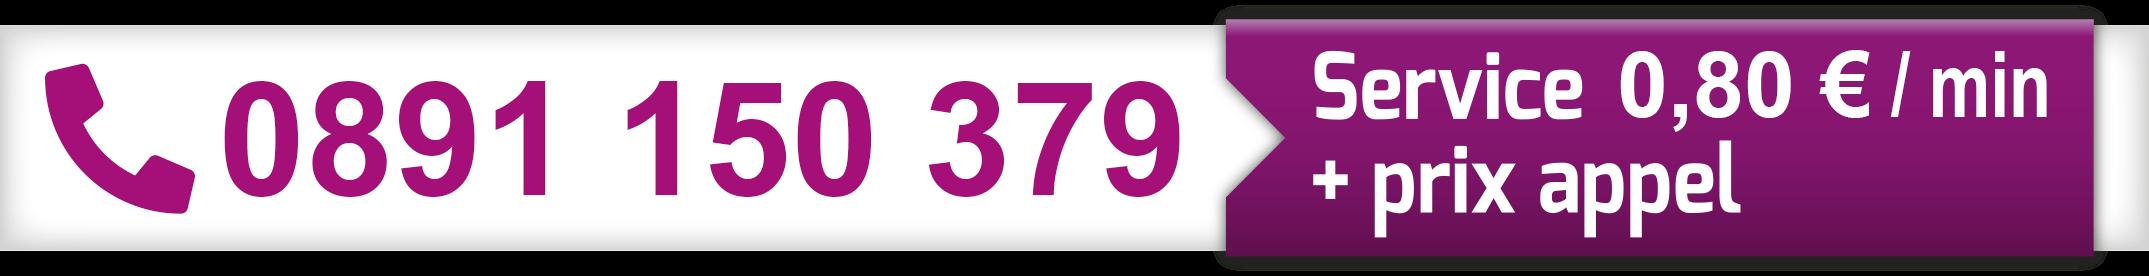 0891 150 379 le numéro des renseignements